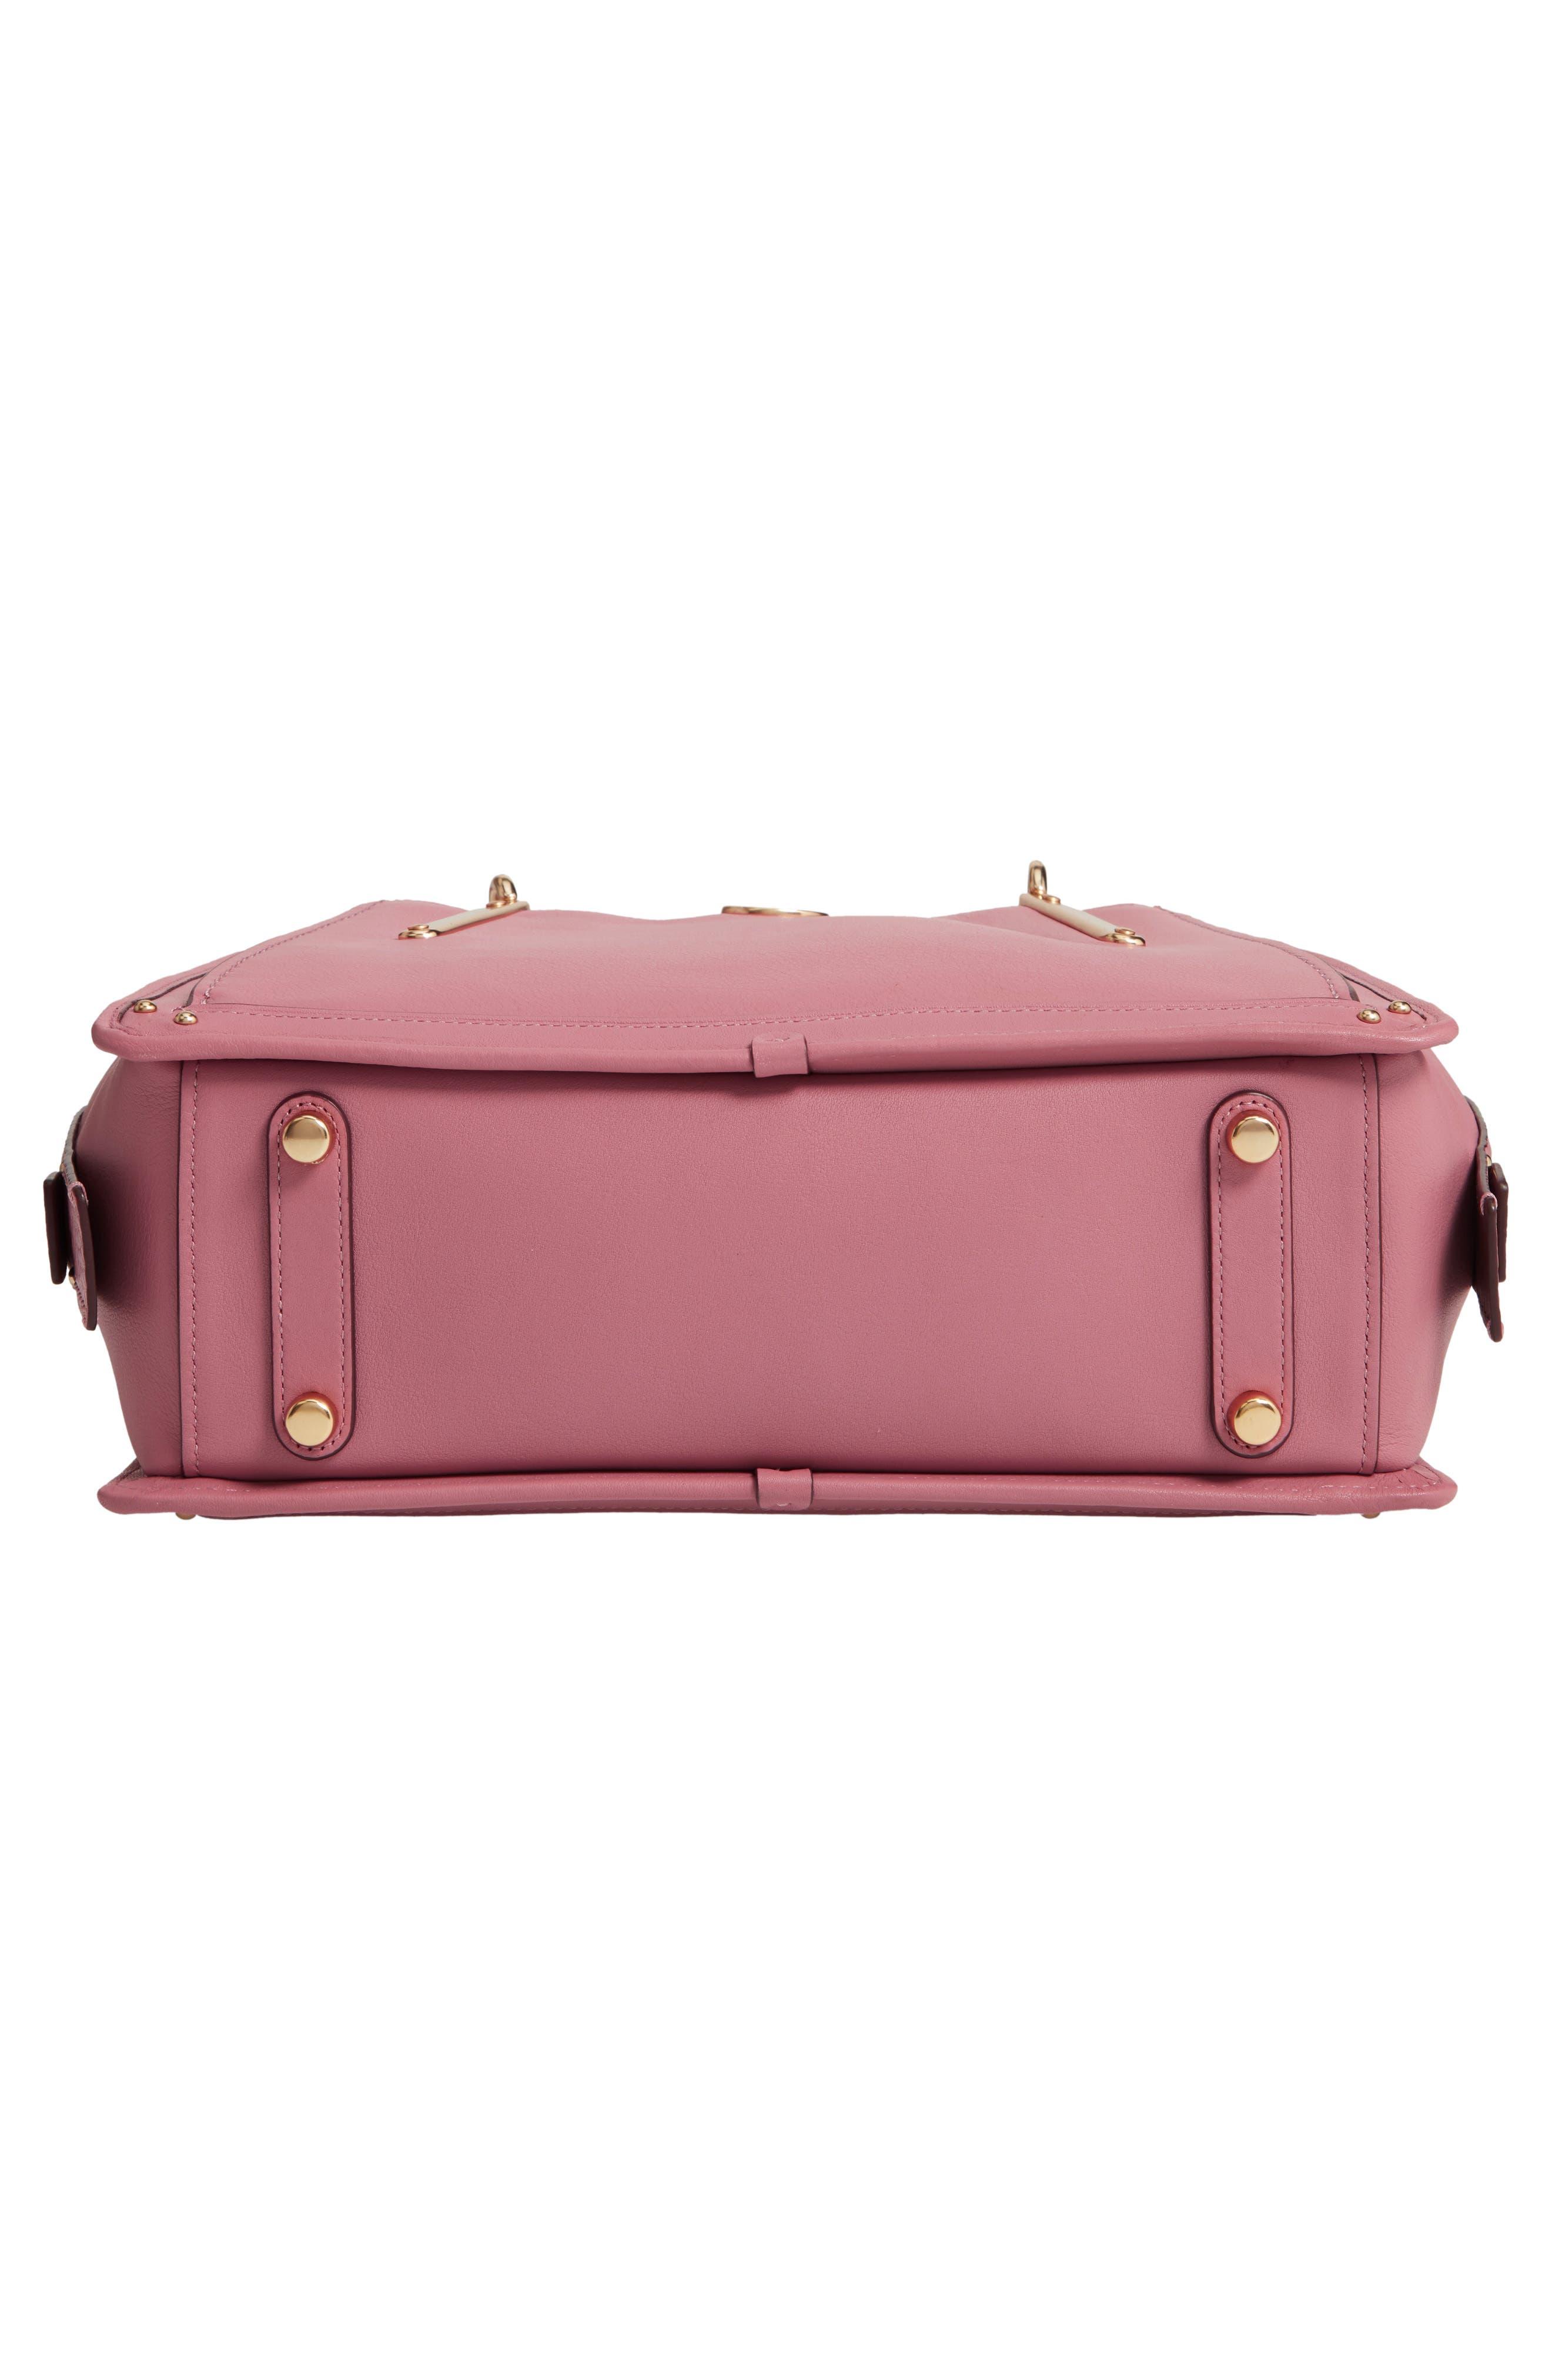 Dreamer Leather Handbag,                             Alternate thumbnail 6, color,                             ROSE MULTI